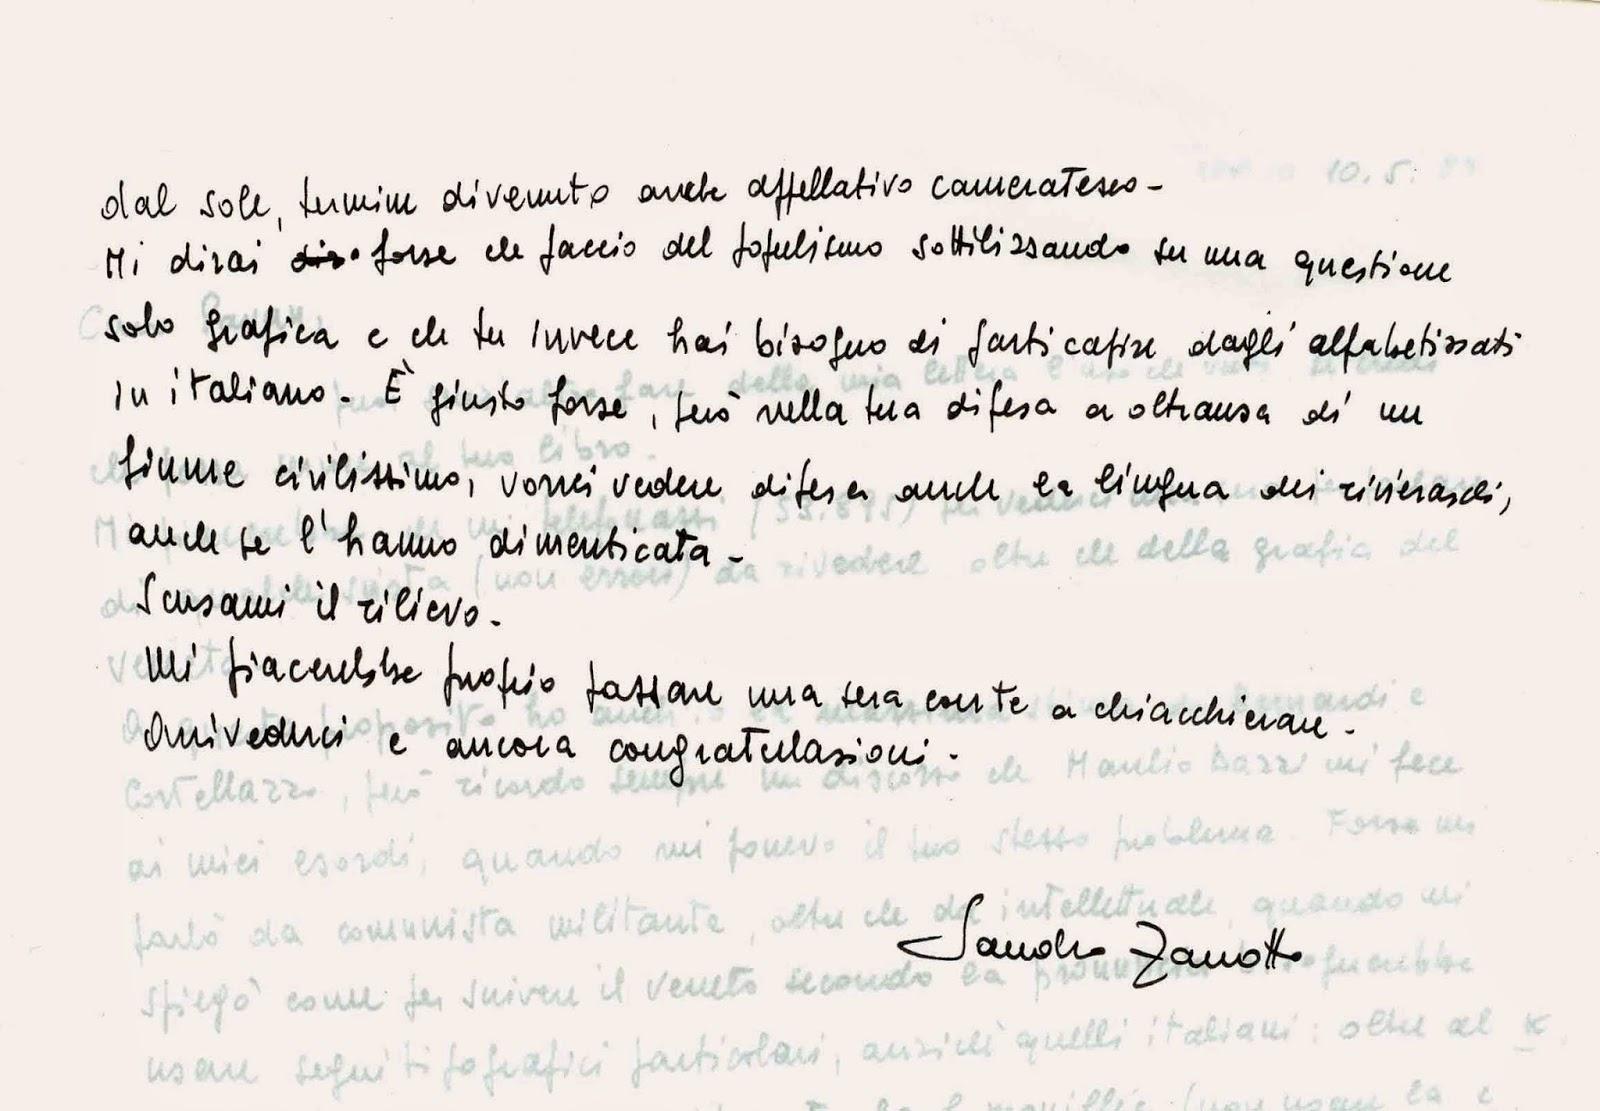 Eccezionale Camillo Pavan: Scambio di lettere con Sandro Zanotto OE04